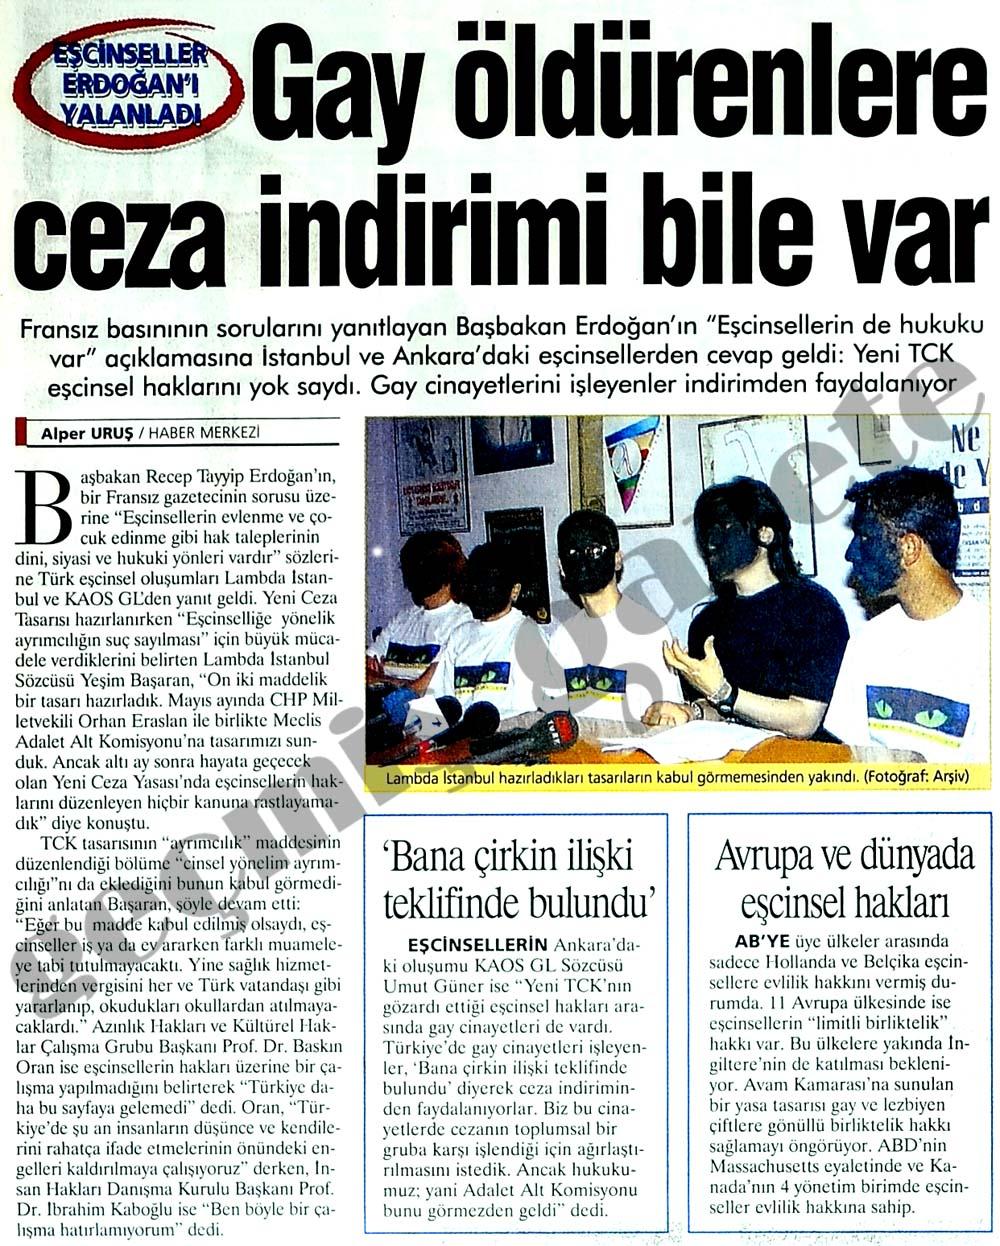 Eşcinseller Erdoğan'ı yalanladı